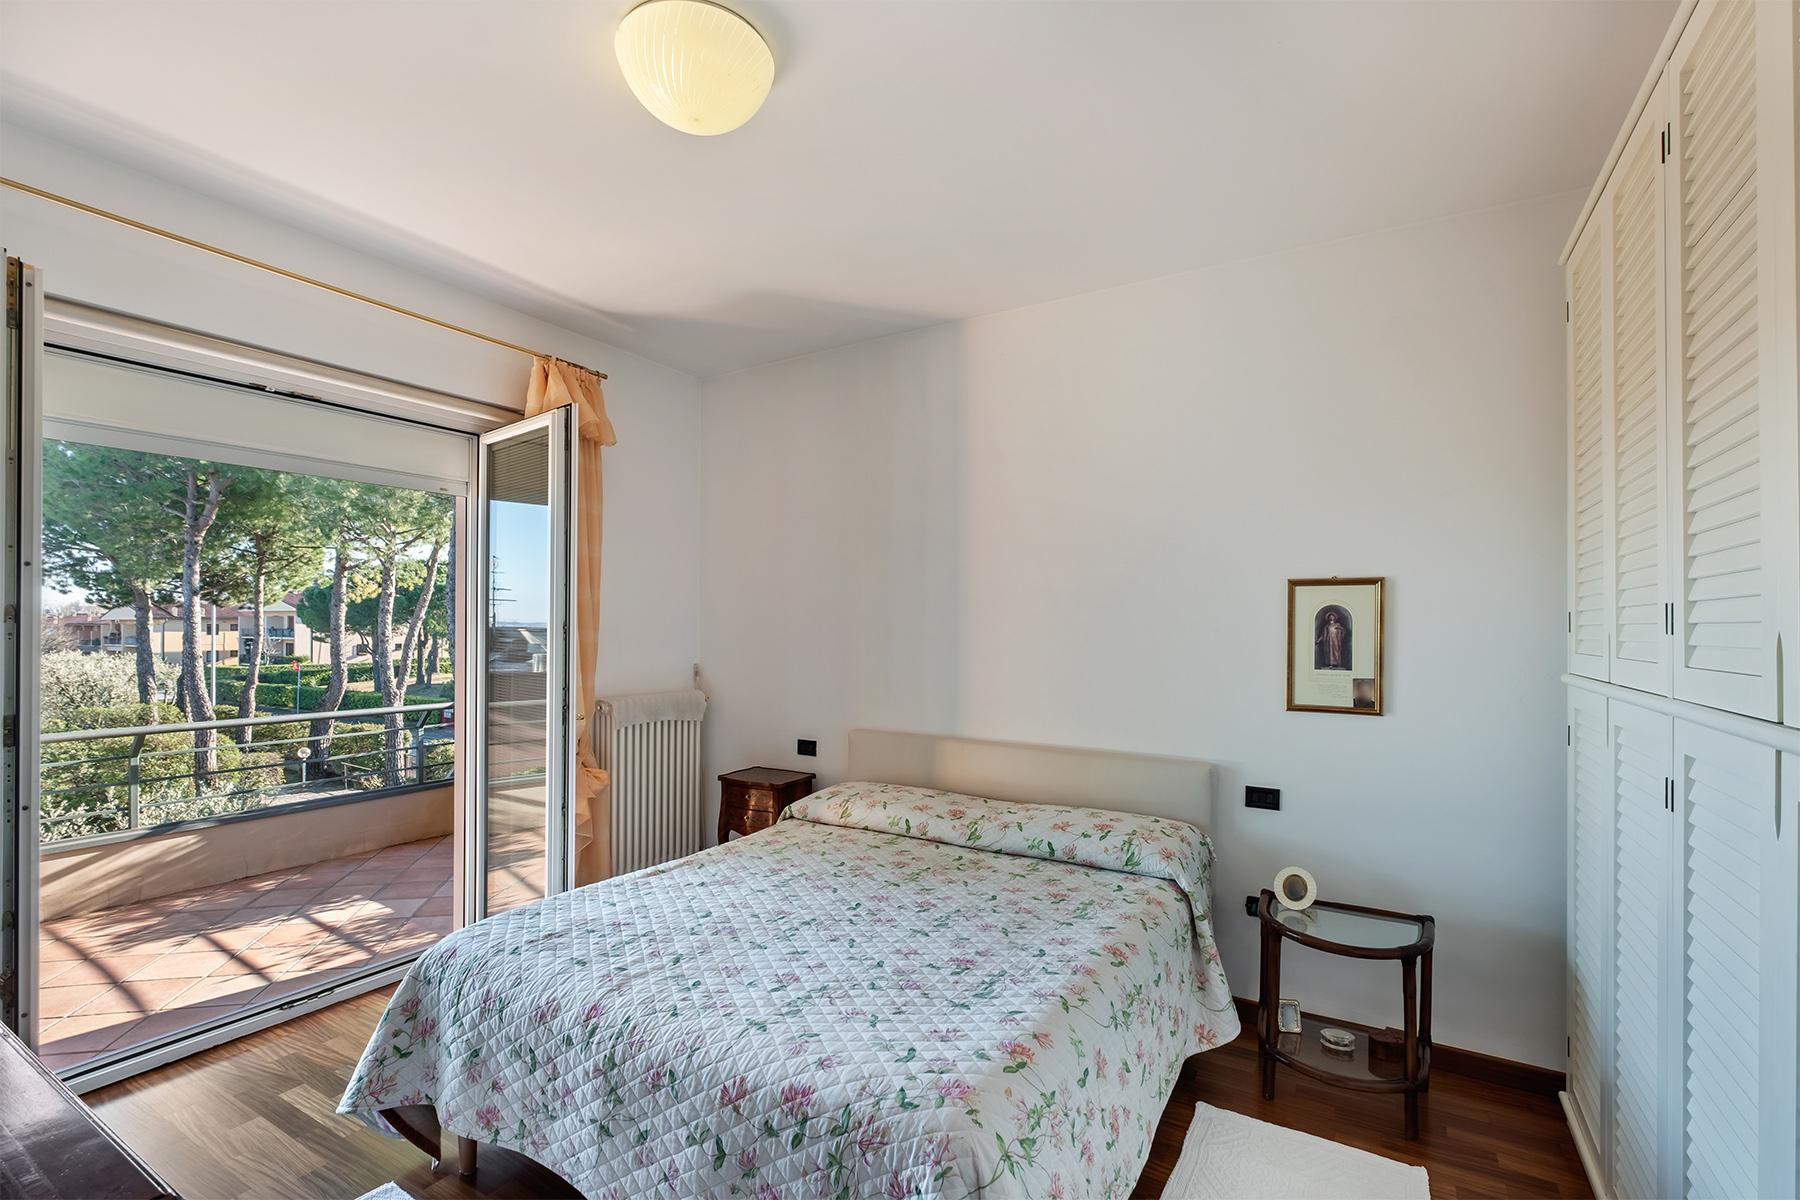 Appartamento in Vendita a Desenzano Del Garda: 5 locali, 170 mq - Foto 17